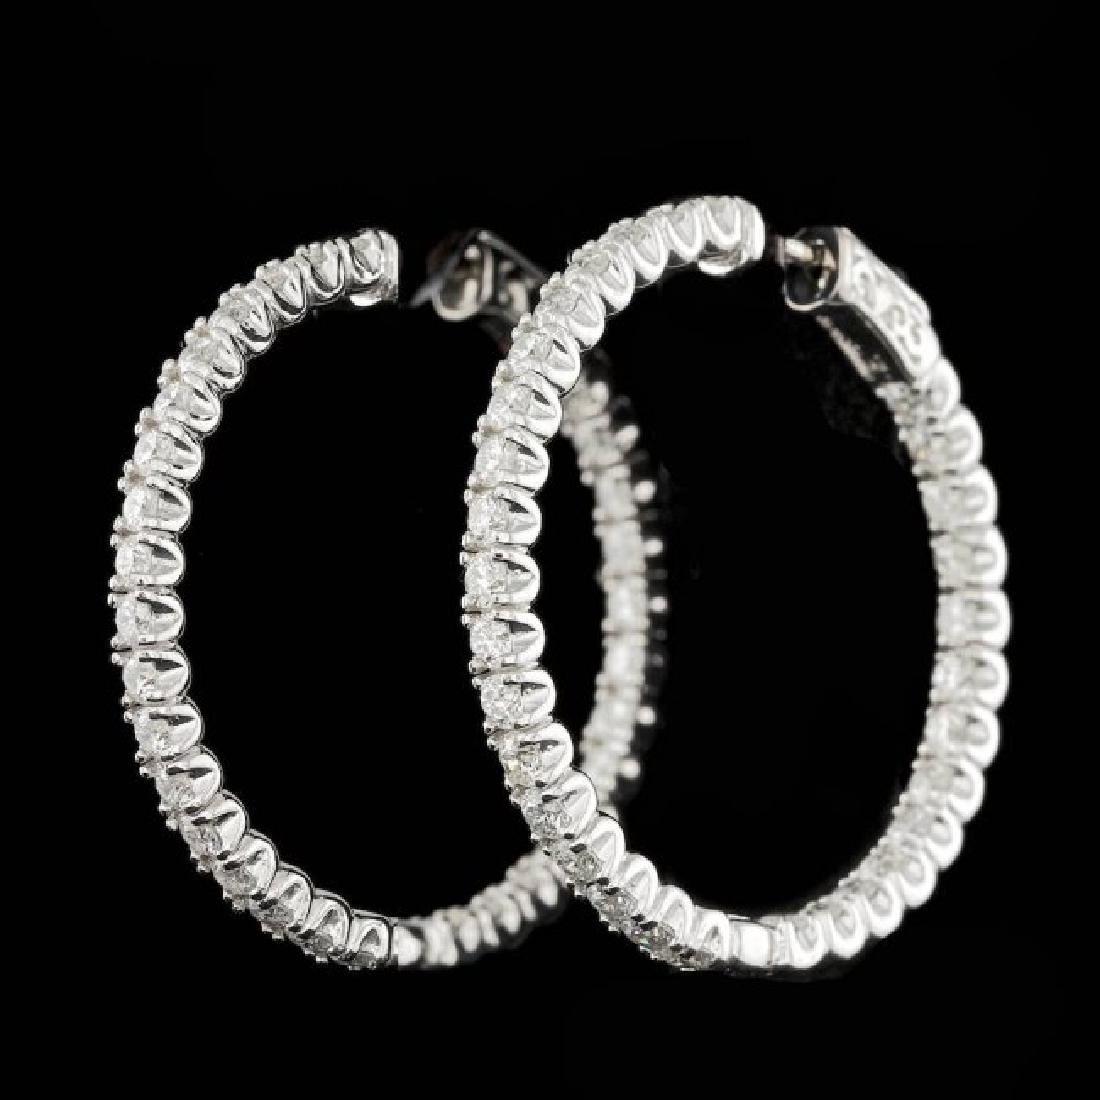 14k White Gold 4.50ct Diamond Earrings - 2